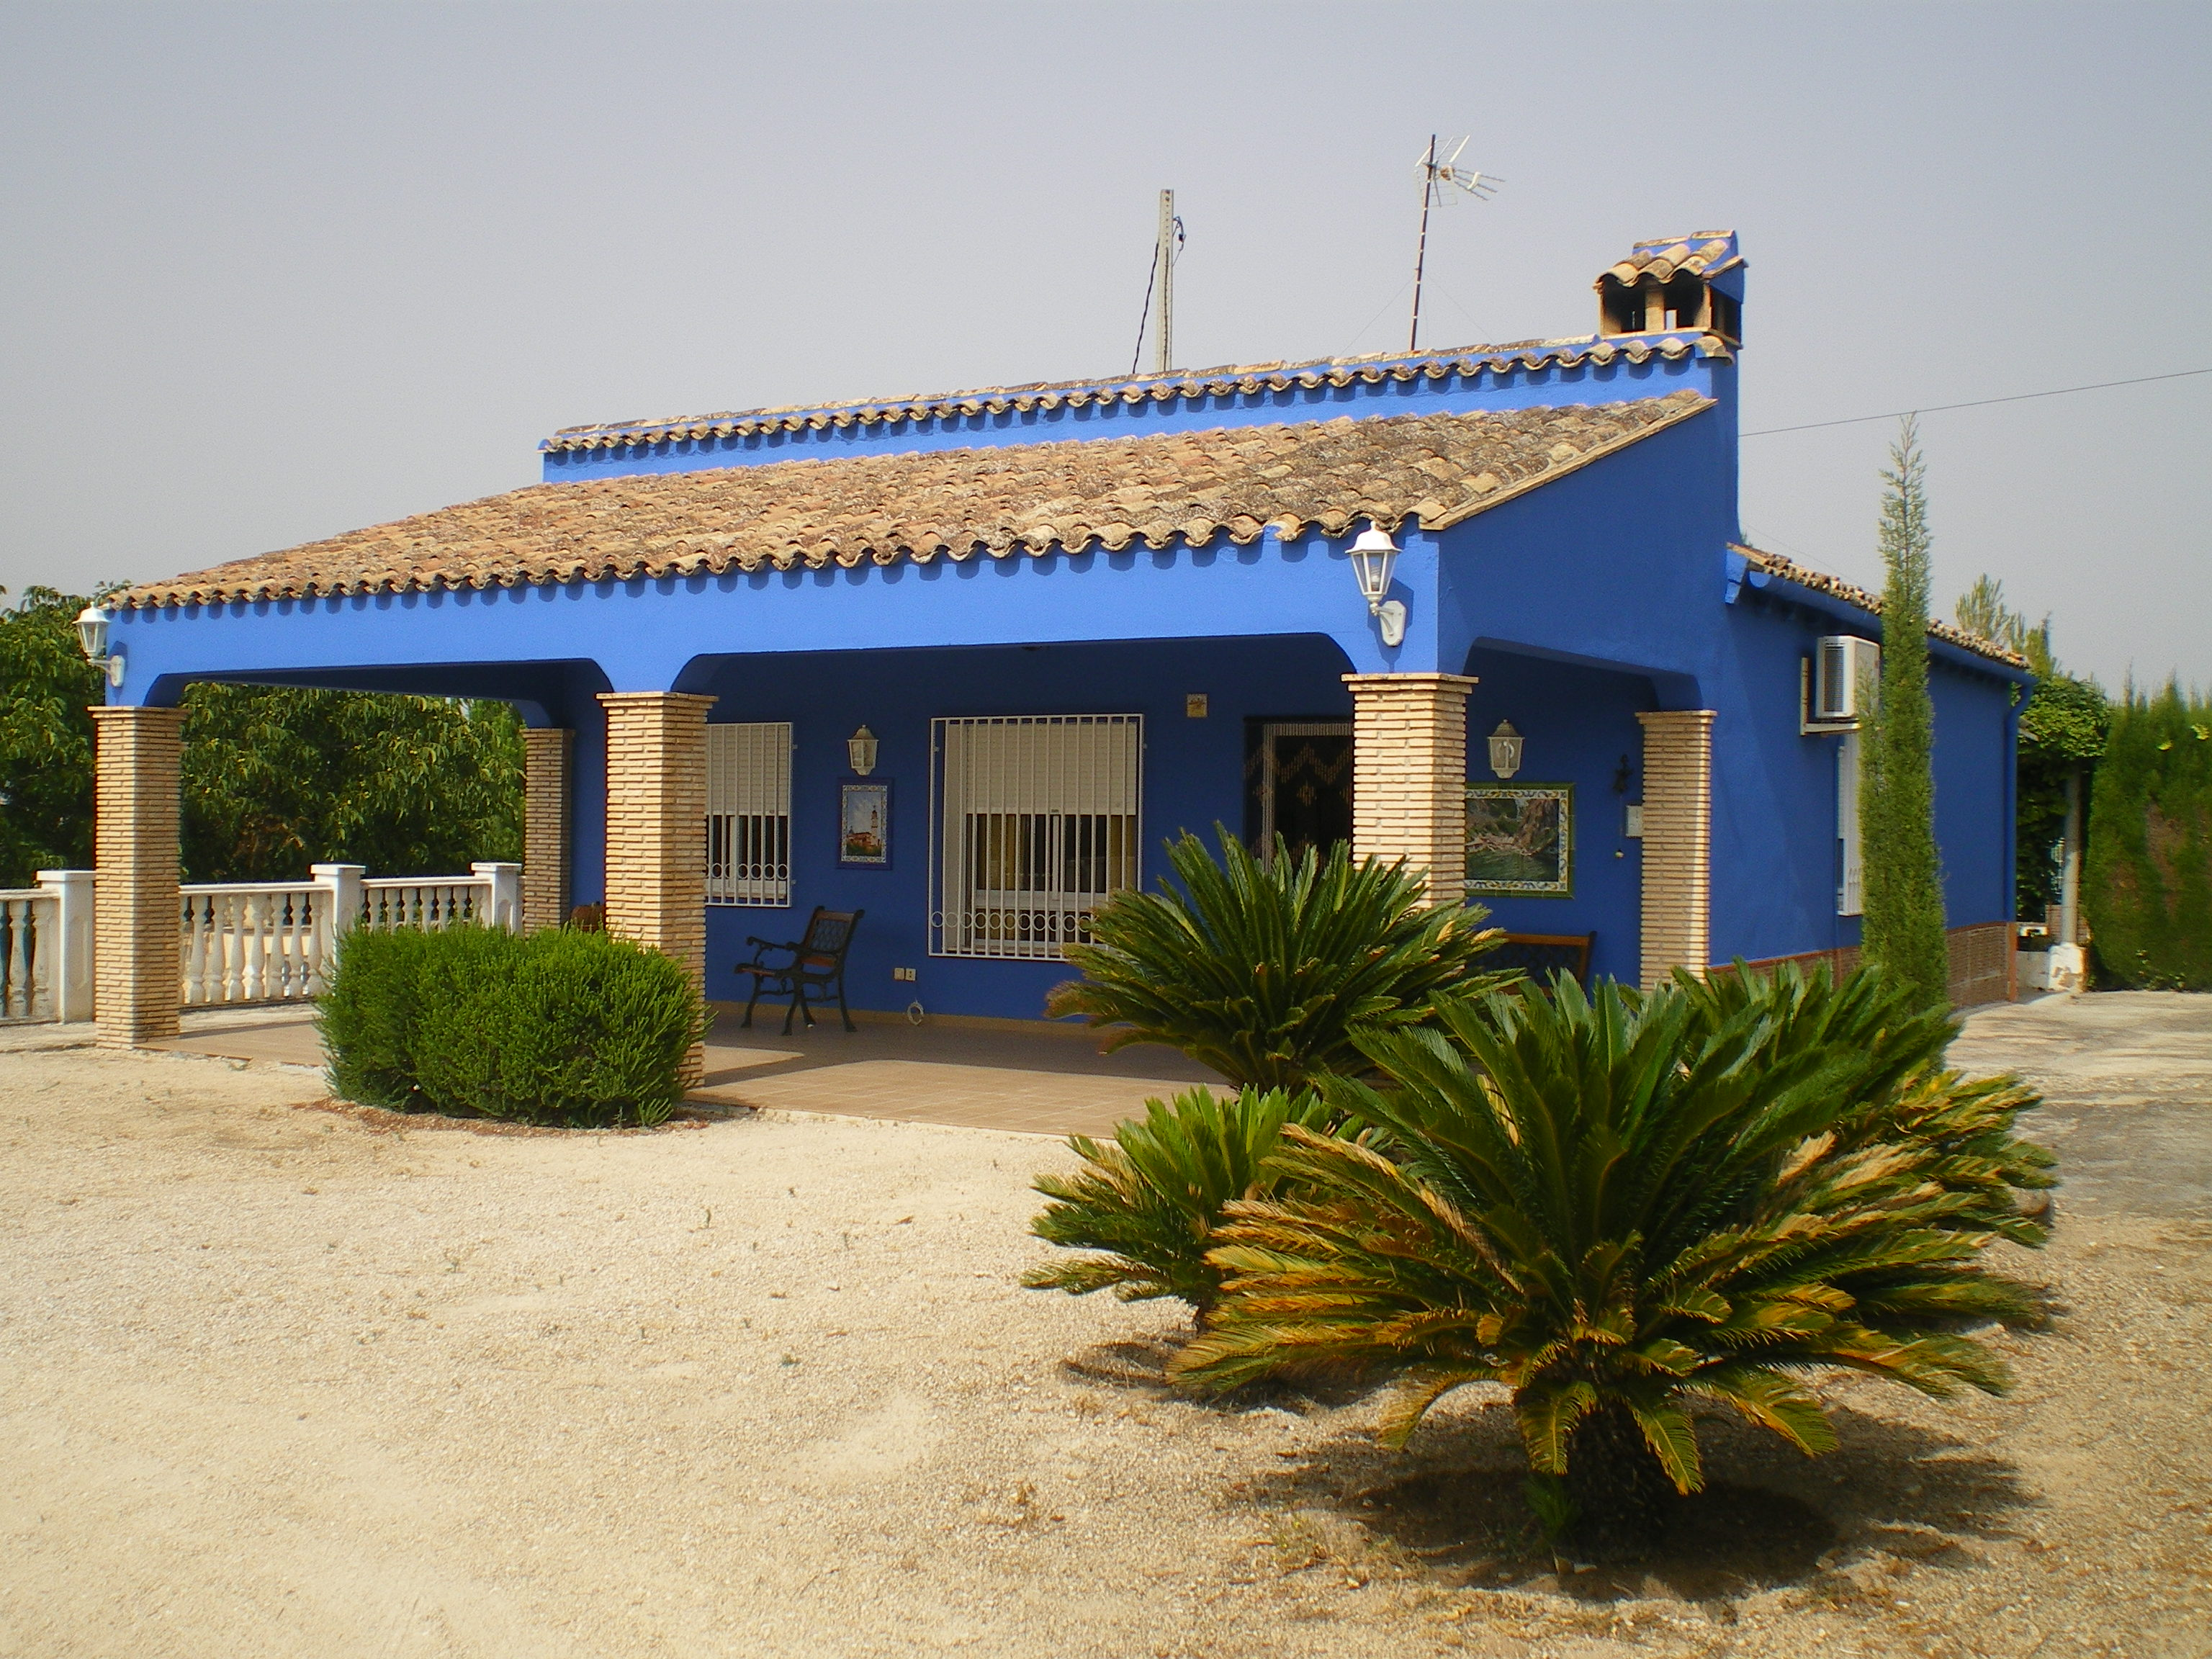 Venta de pisos chalets y casas comprar viviendas en venta html autos weblog - Pisos en venta del banco santander ...